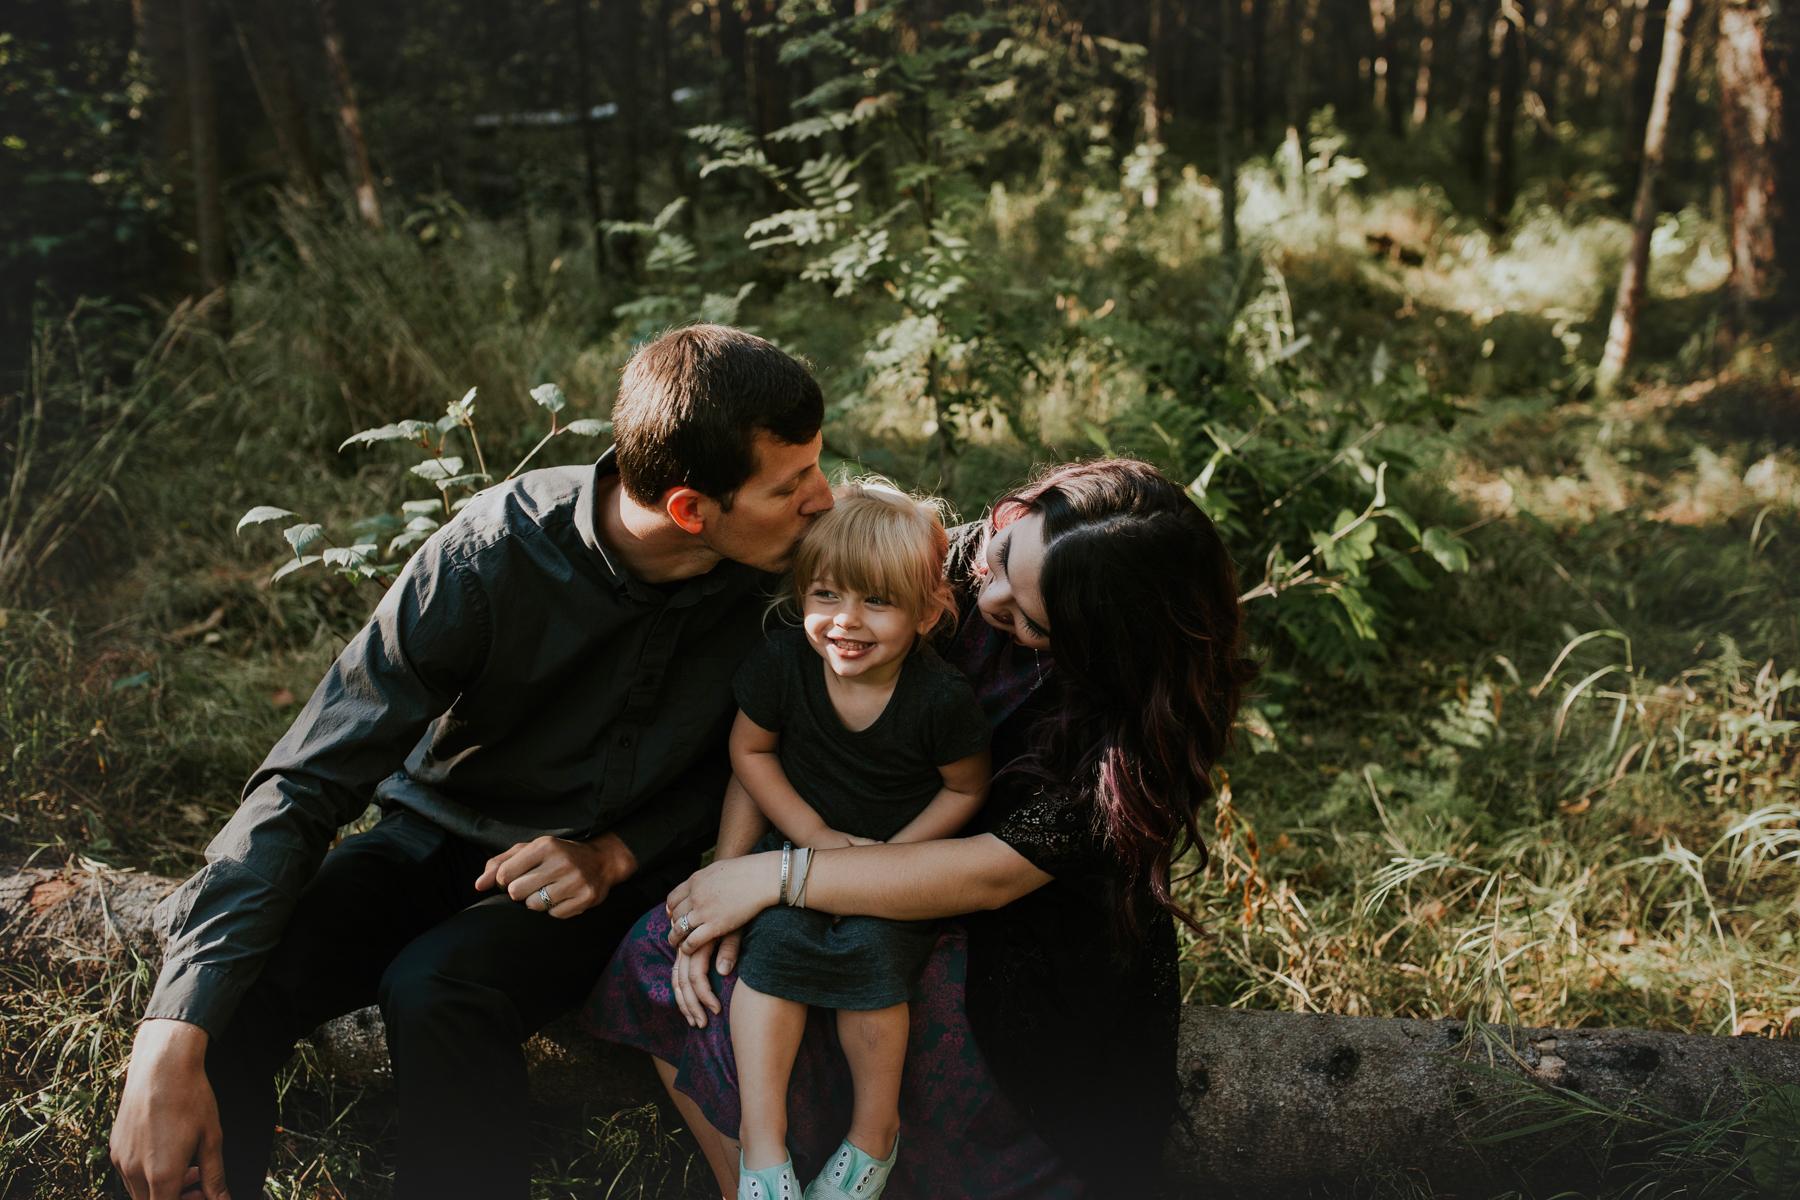 23eagleriveralasksafamilyphotographer.jpg